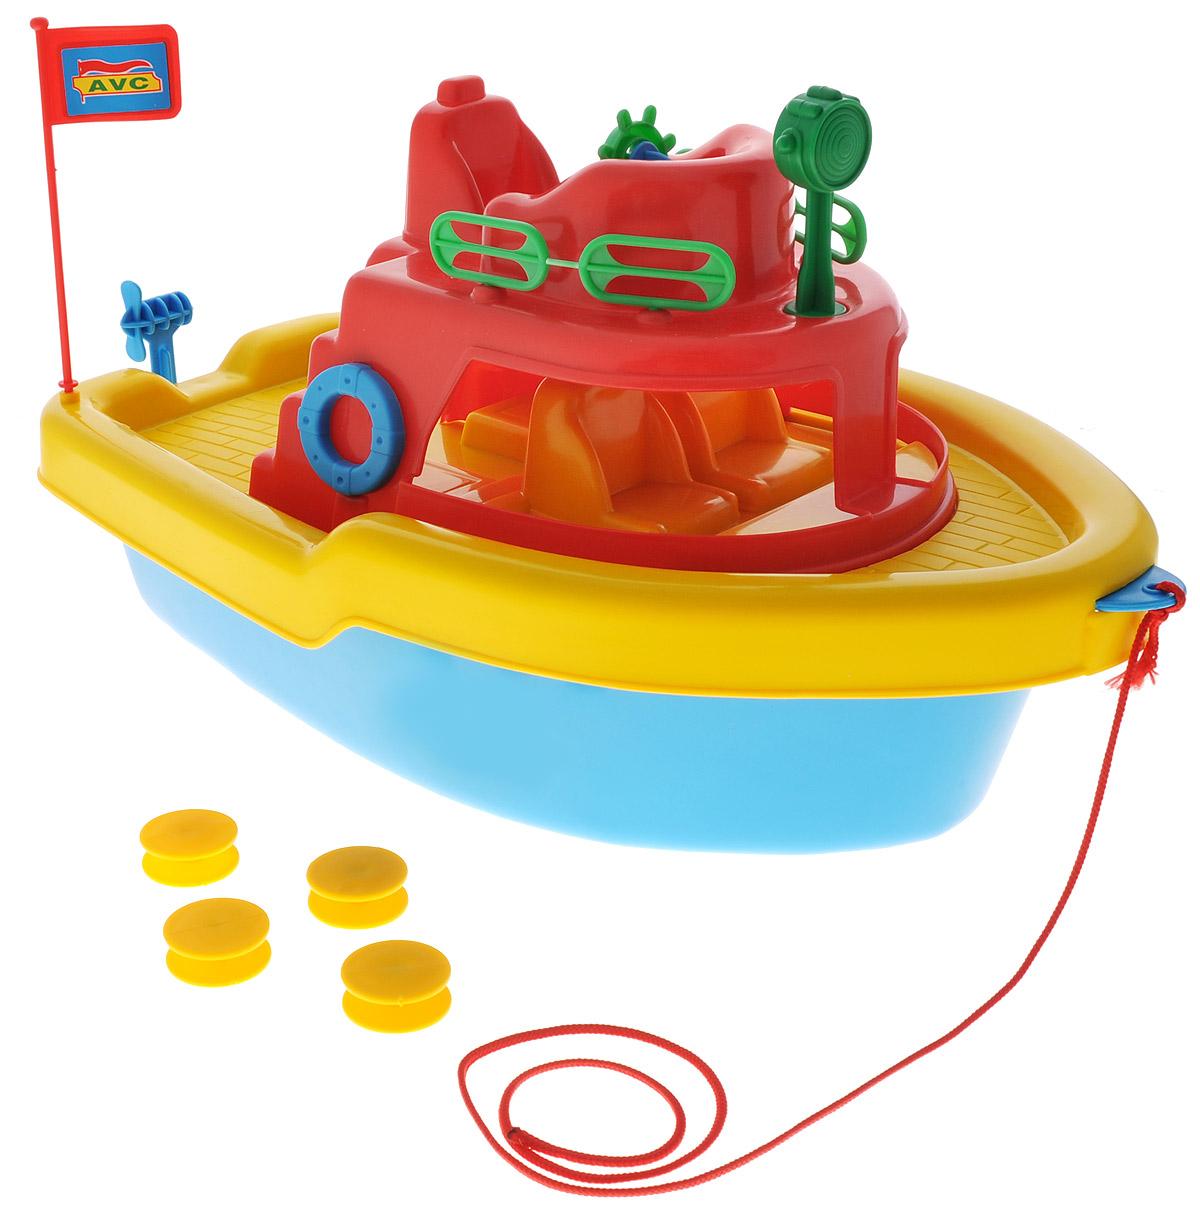 AVC Игрушка Корабль цвет красный желтый синий